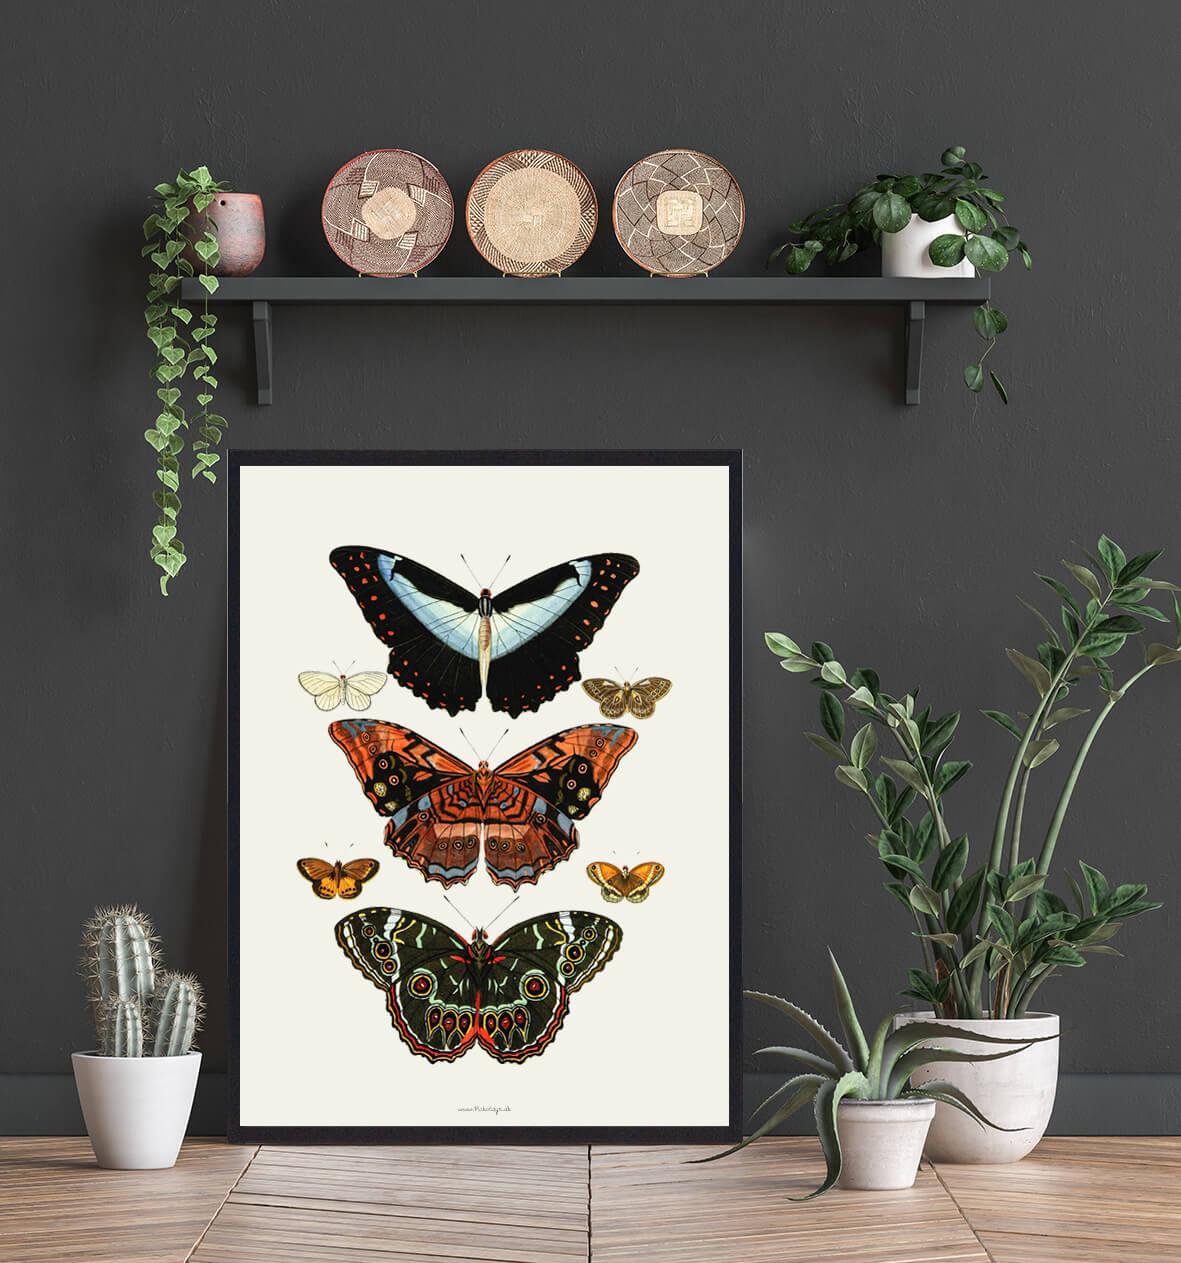 sommerfugle-plakater-hjemmet-3